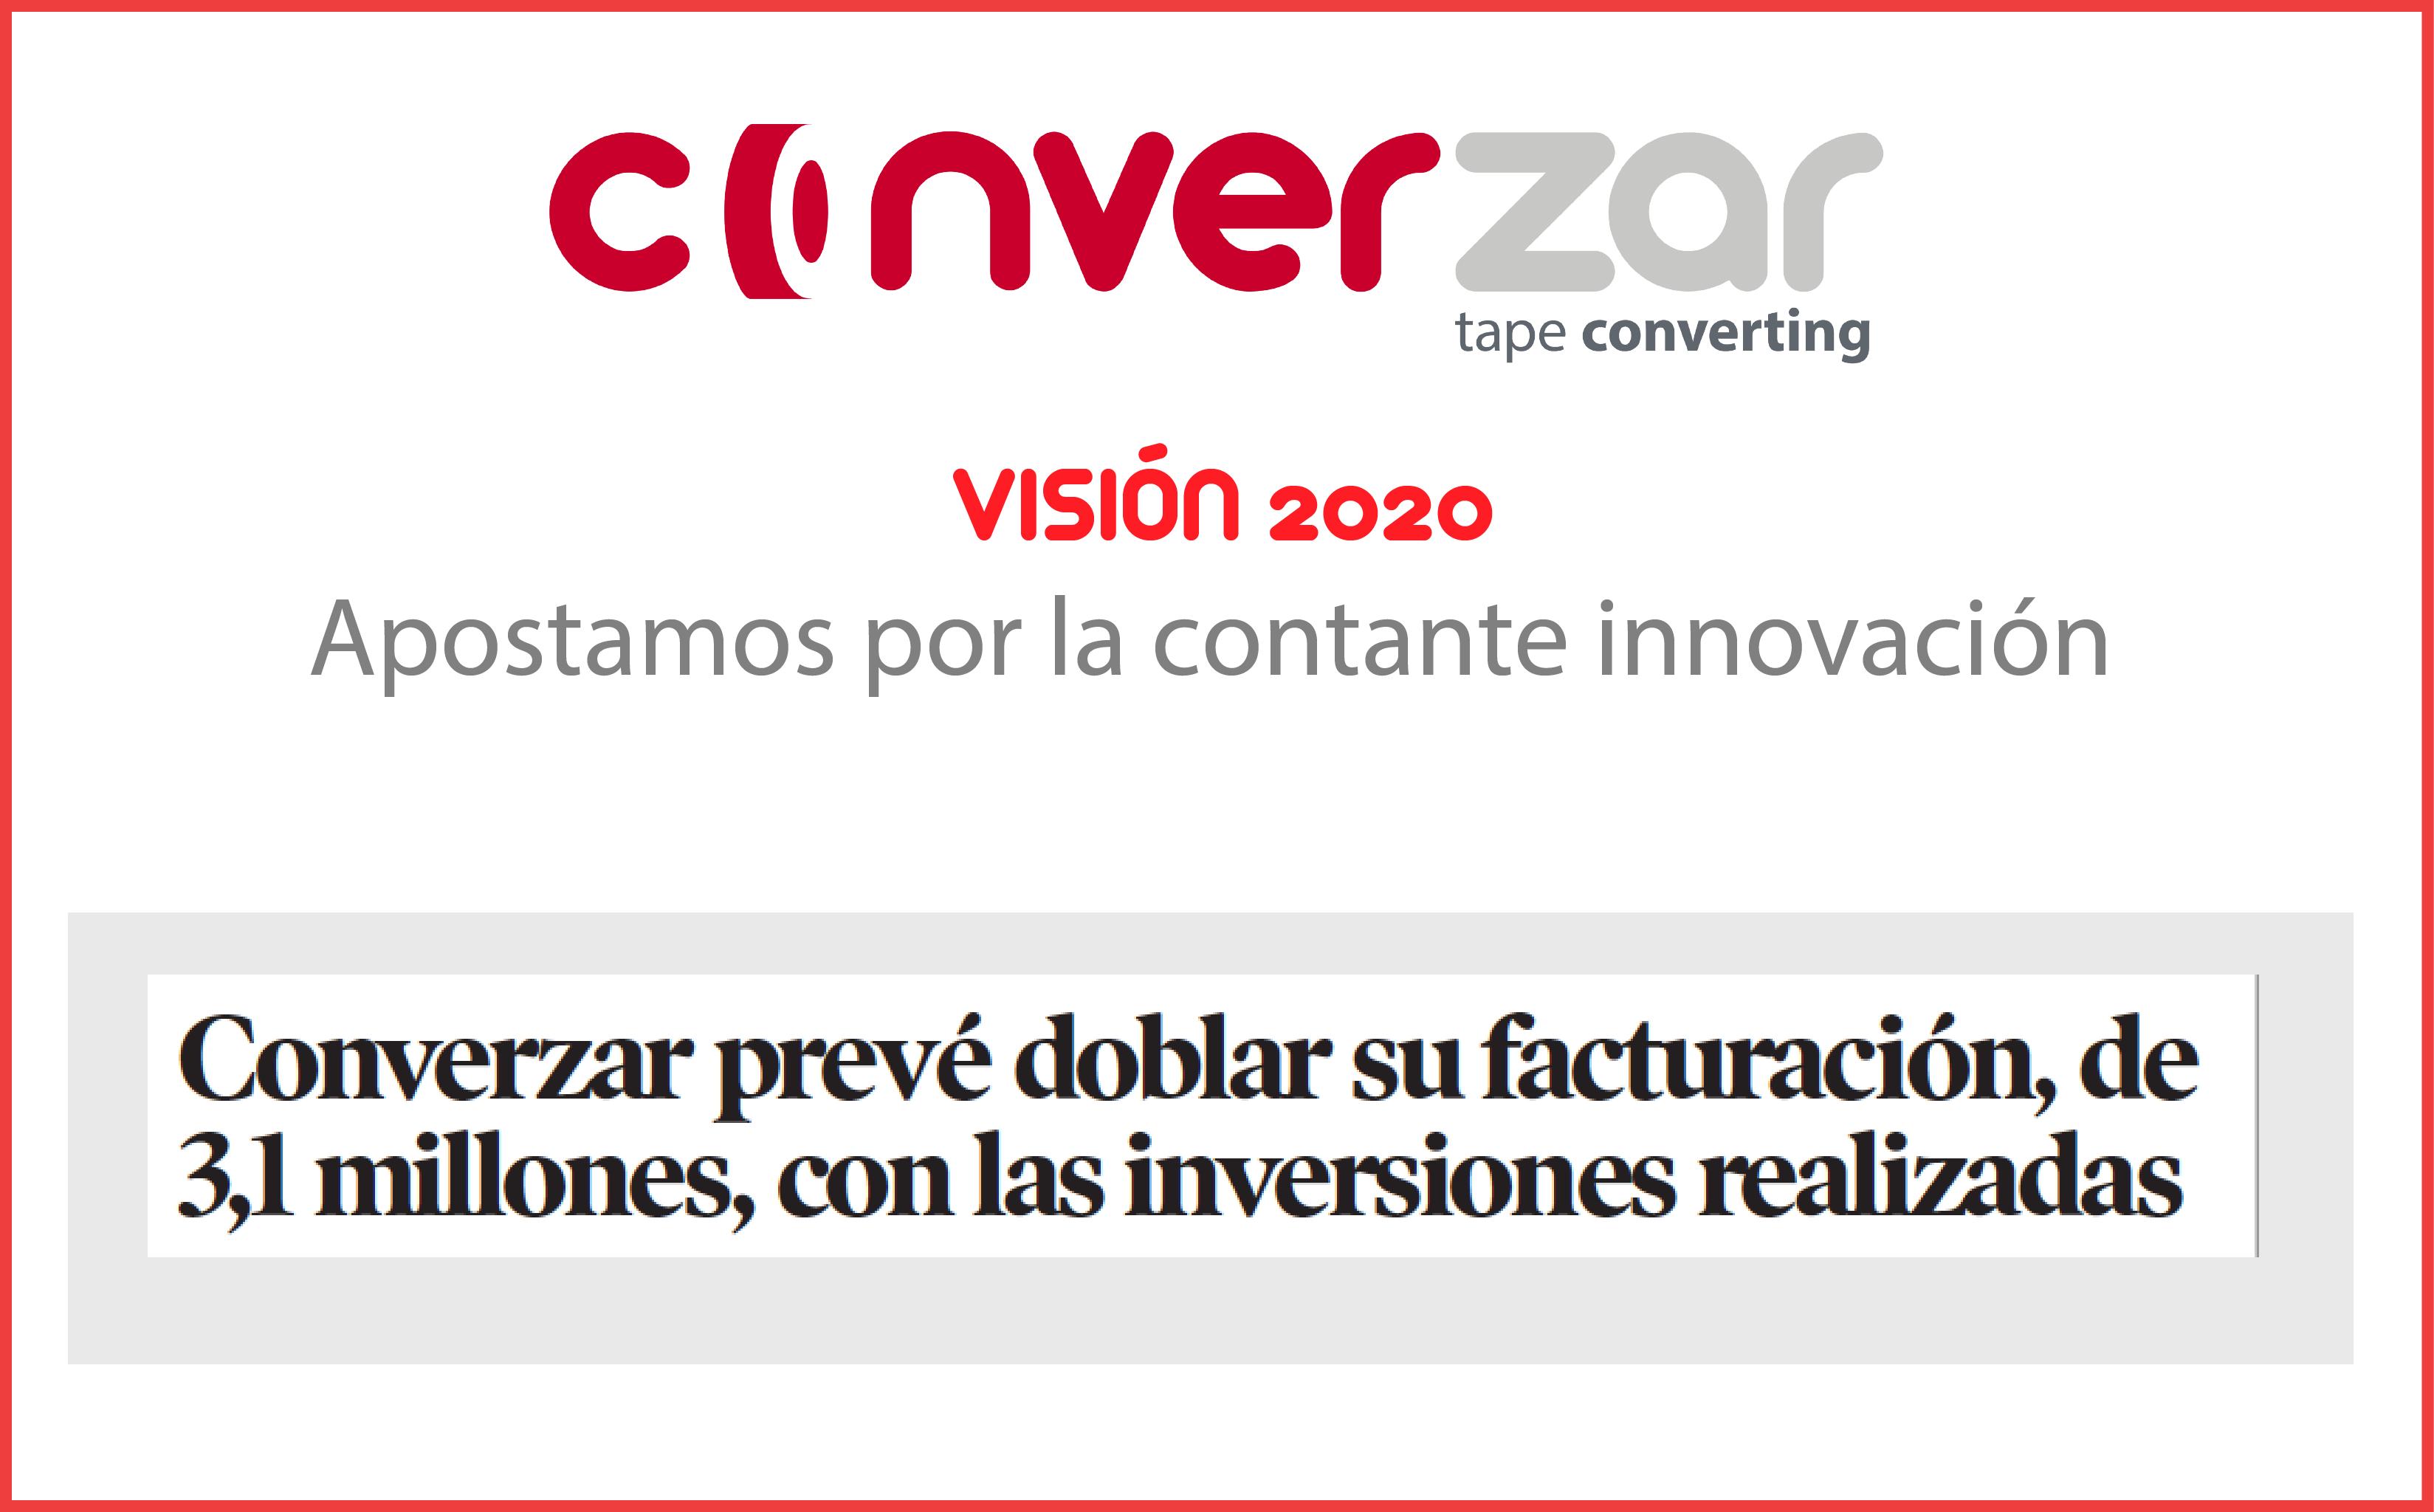 Visión Converzar 2020